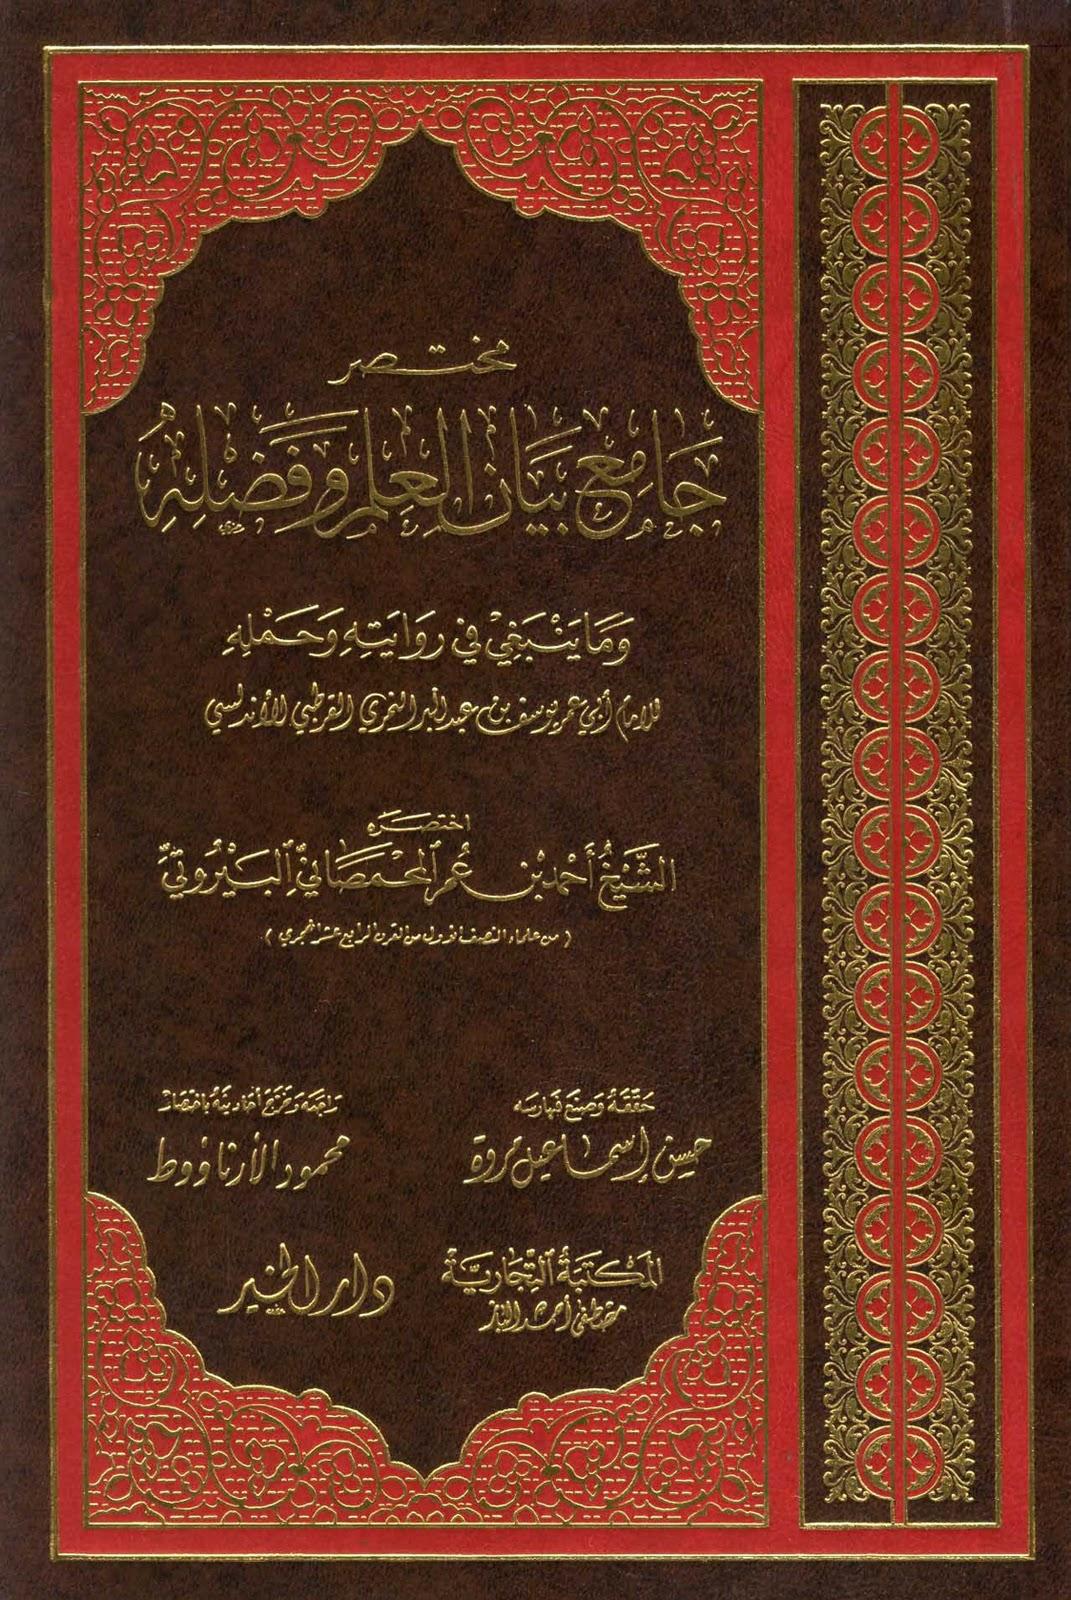 «Джами'а байан аль-ильм уа фадиля» (обложка)